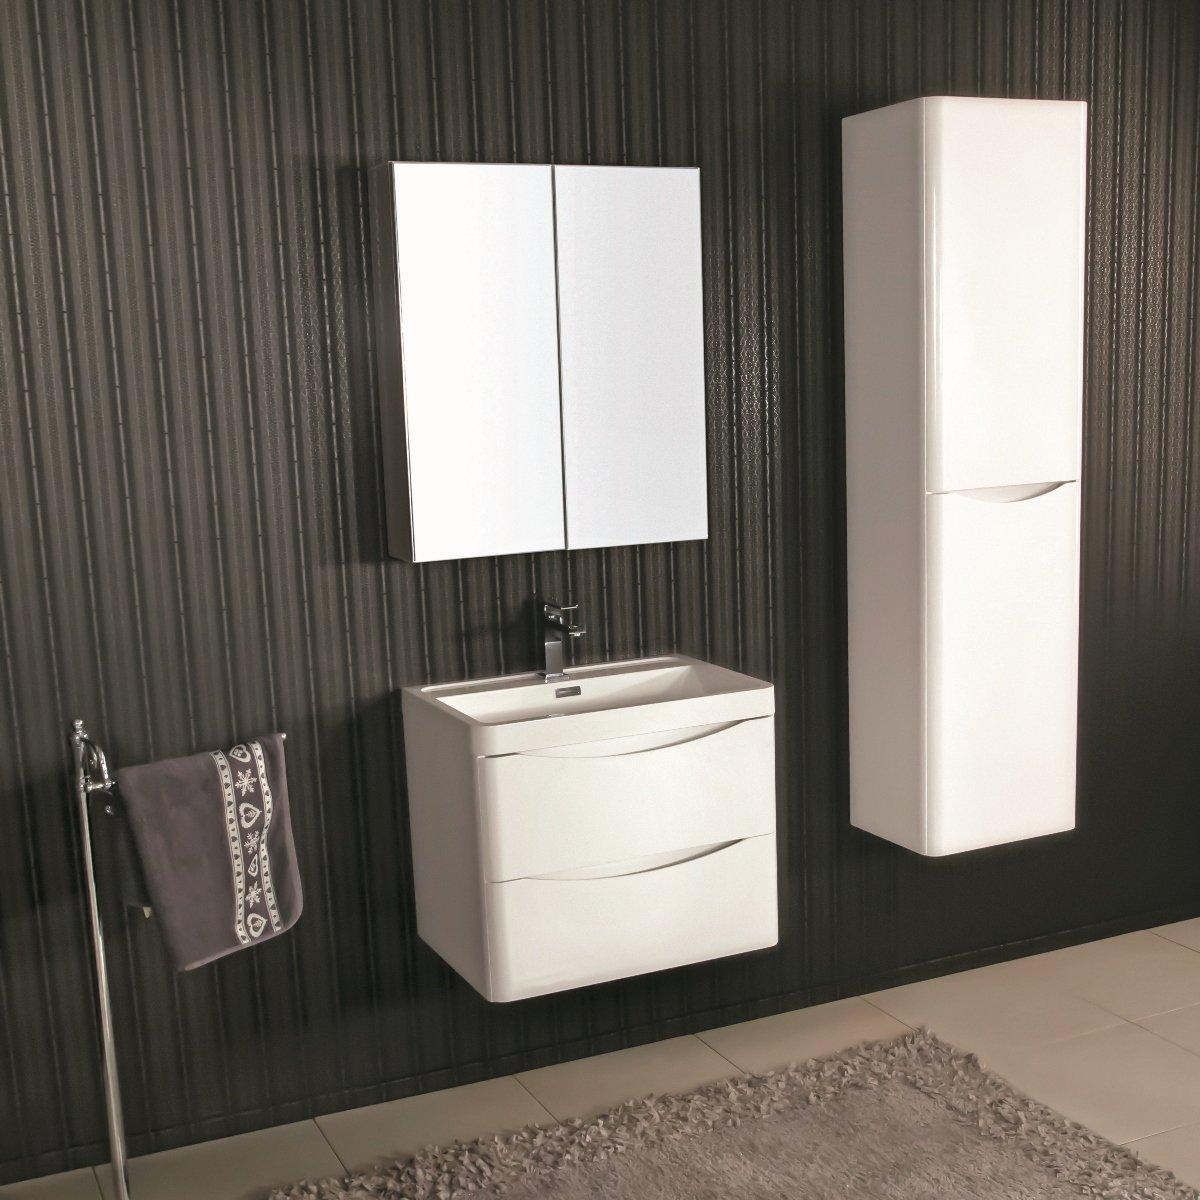 Mobile bagno sospeso moderno 60 cm con lavabo colonna e specchio - Mobile specchio bagno ...